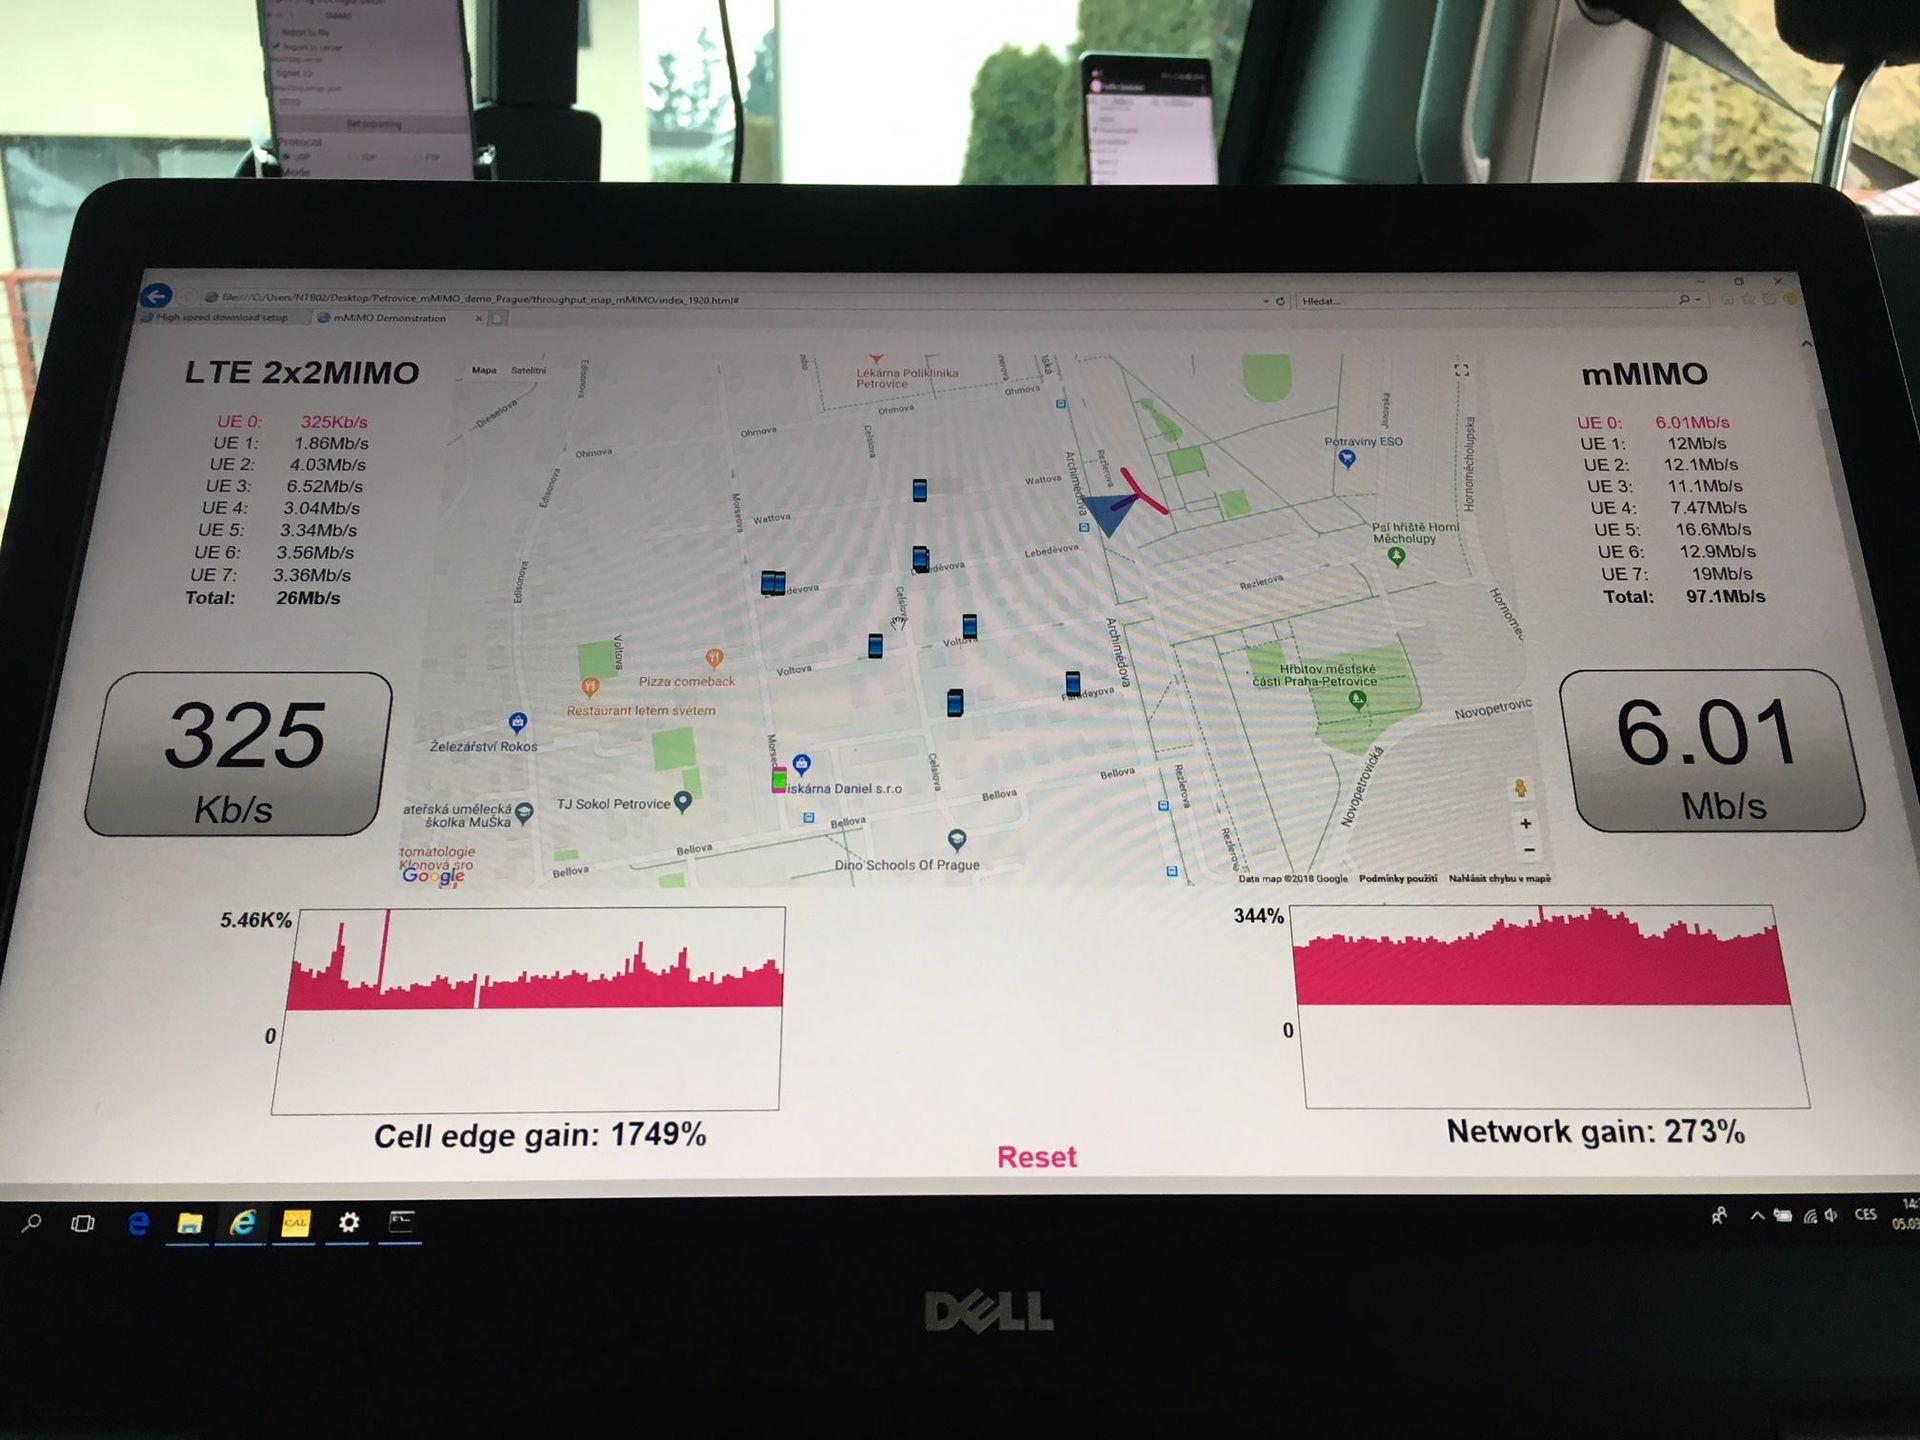 Online monitorování LTE mMIMO